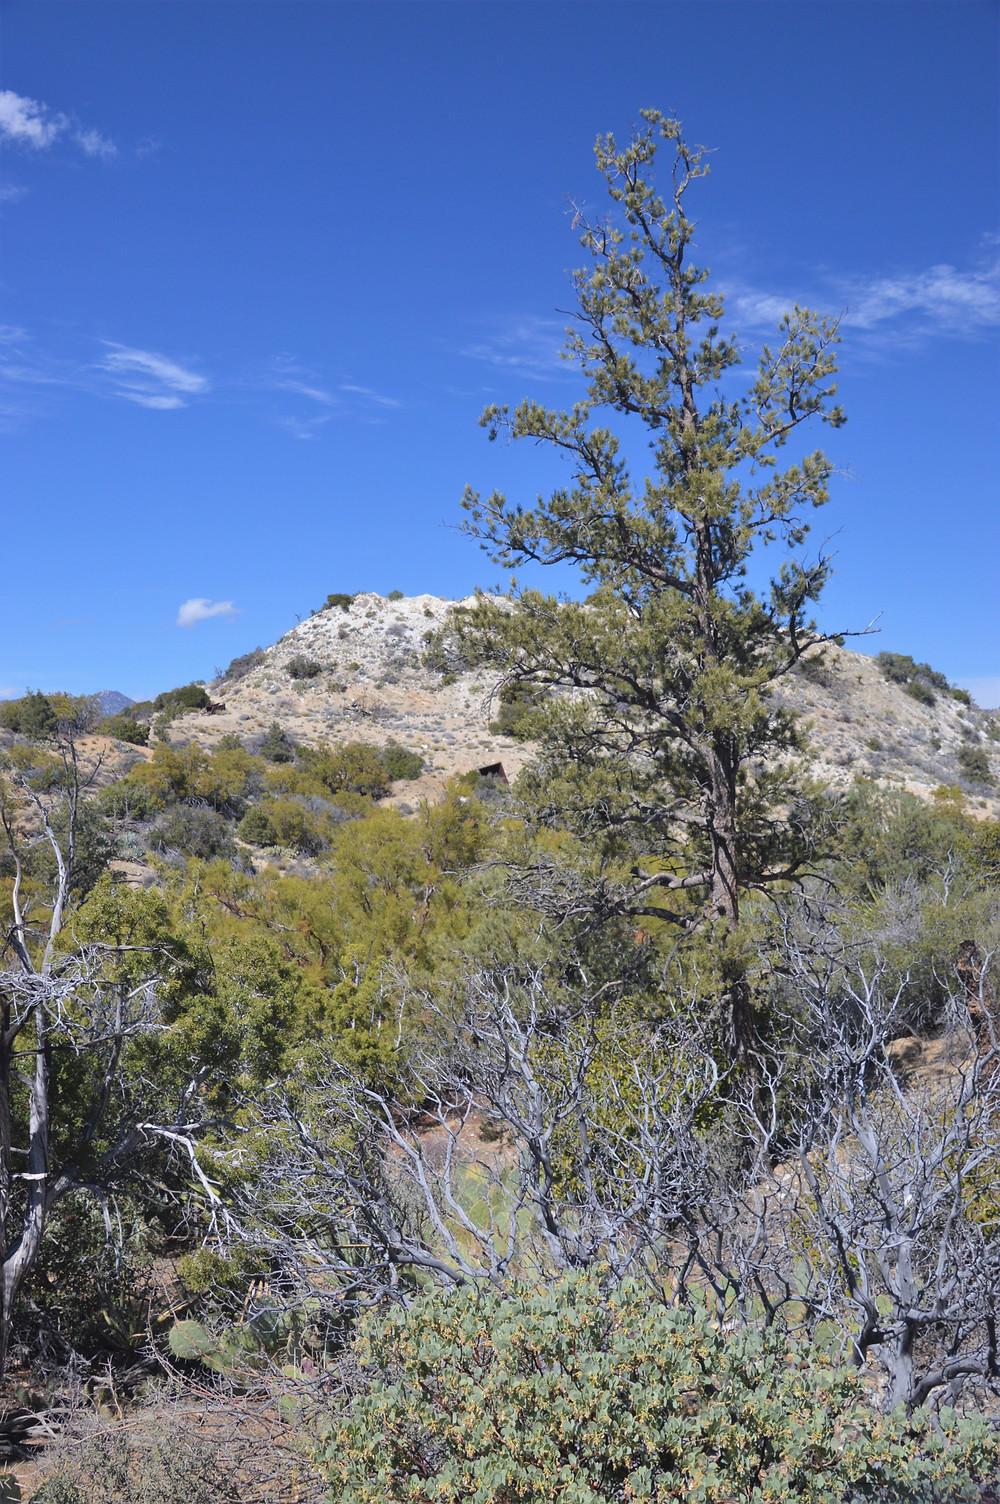 Transmontane region. Manzanita, beavertail cactus and redshank along Cactus Spring trail in the Santa